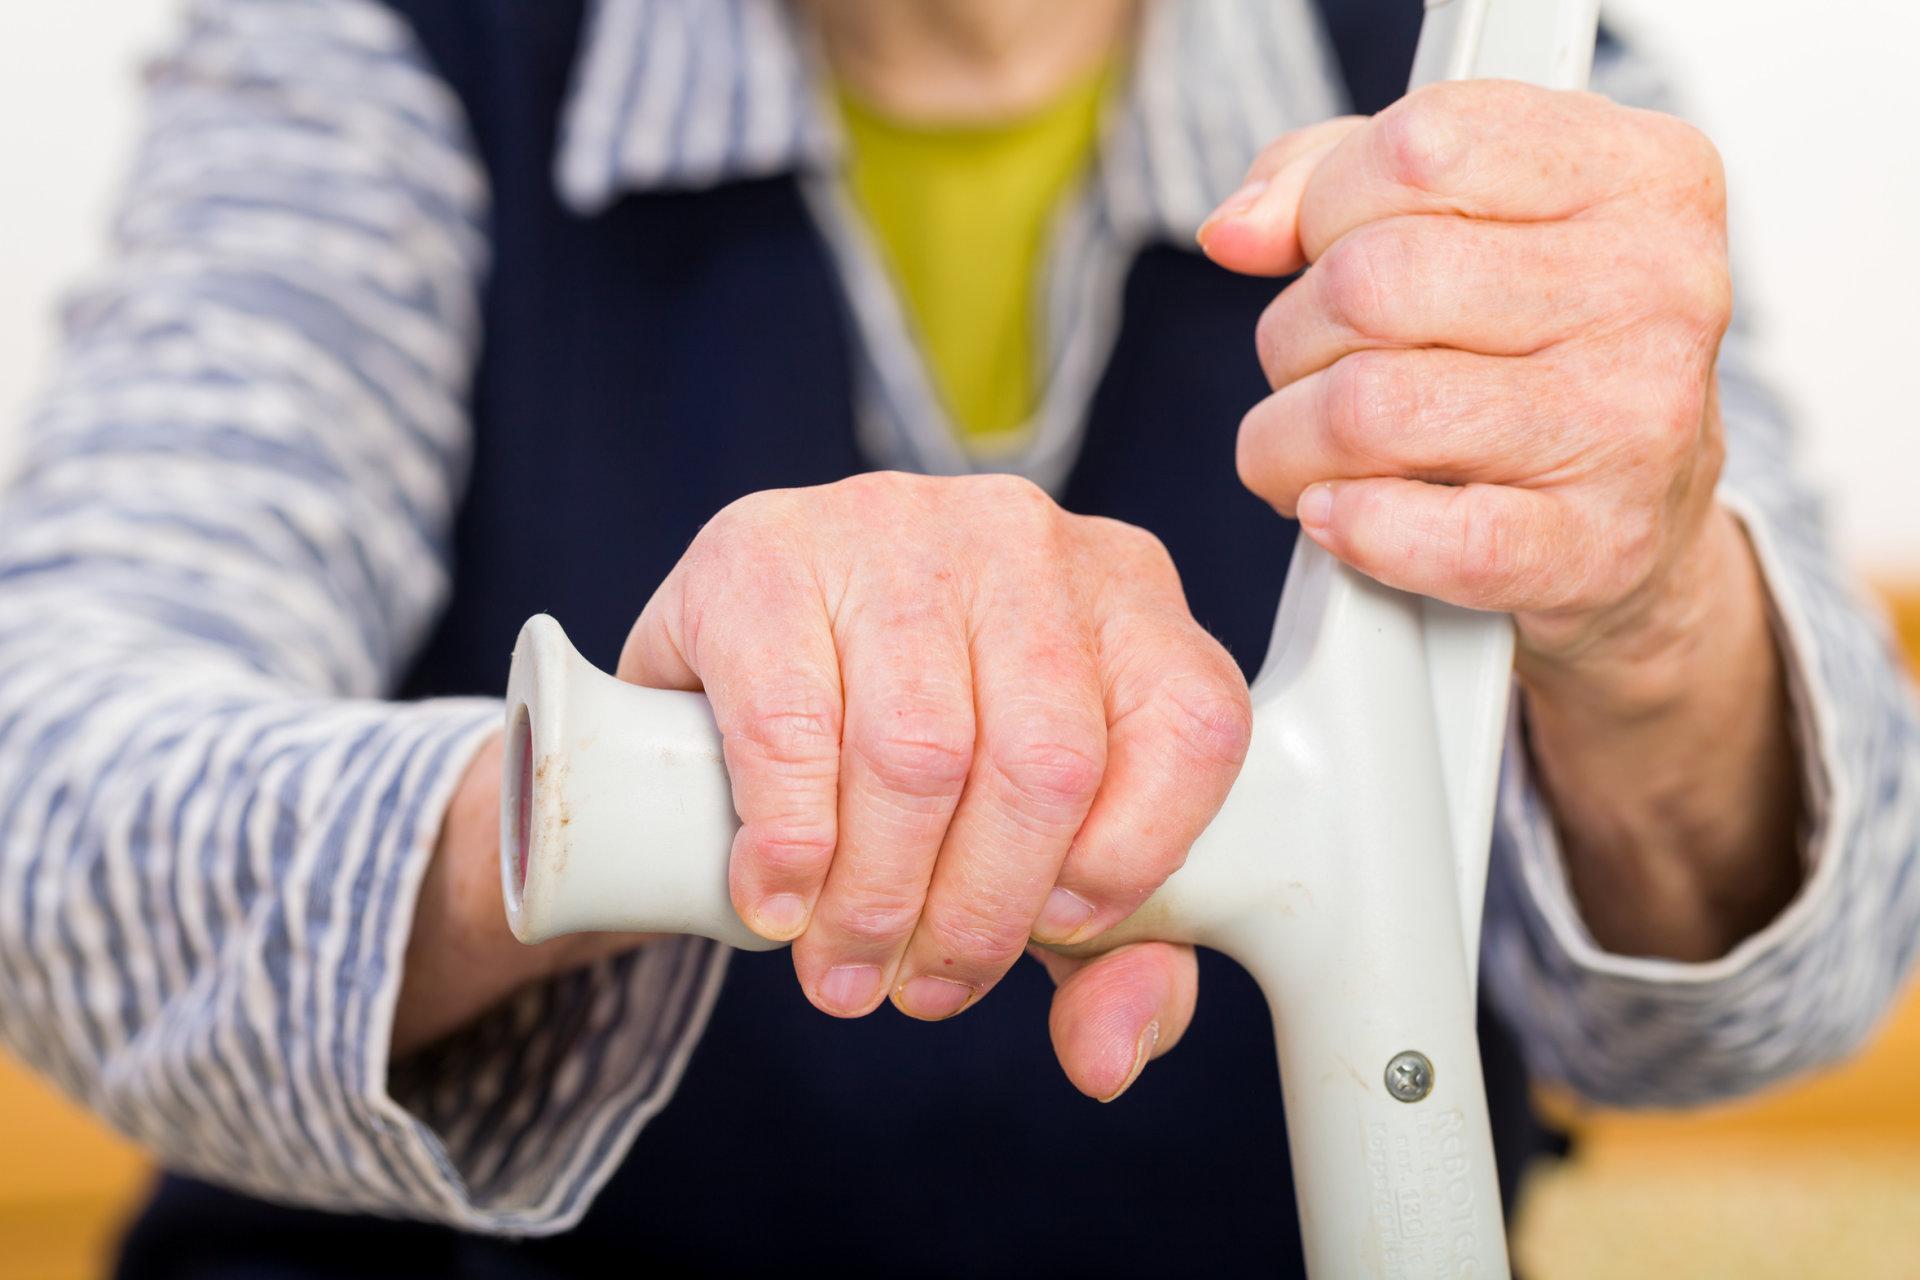 kas gydymo metodai artrozės liaudies metodai gydant sąnarių šepečiai